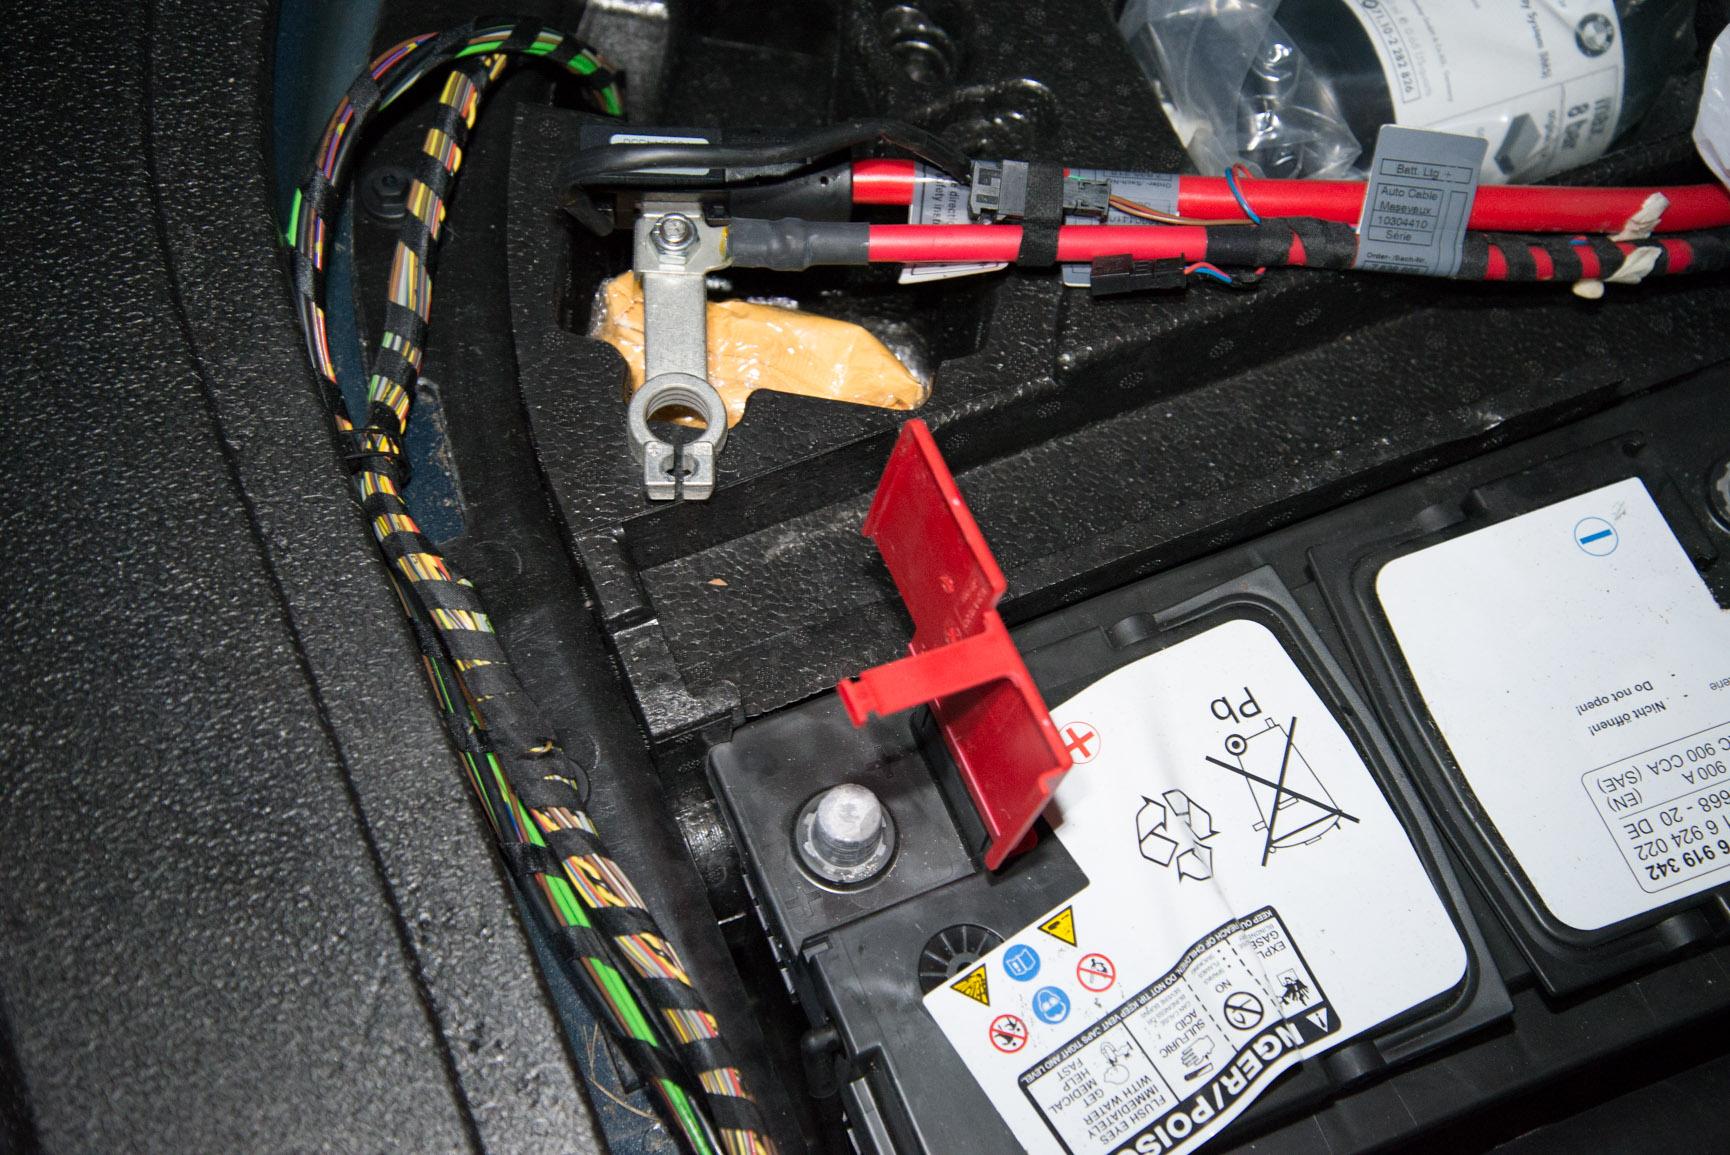 2008 E60 M5 Battery Replacement-dsc_7530.jpg